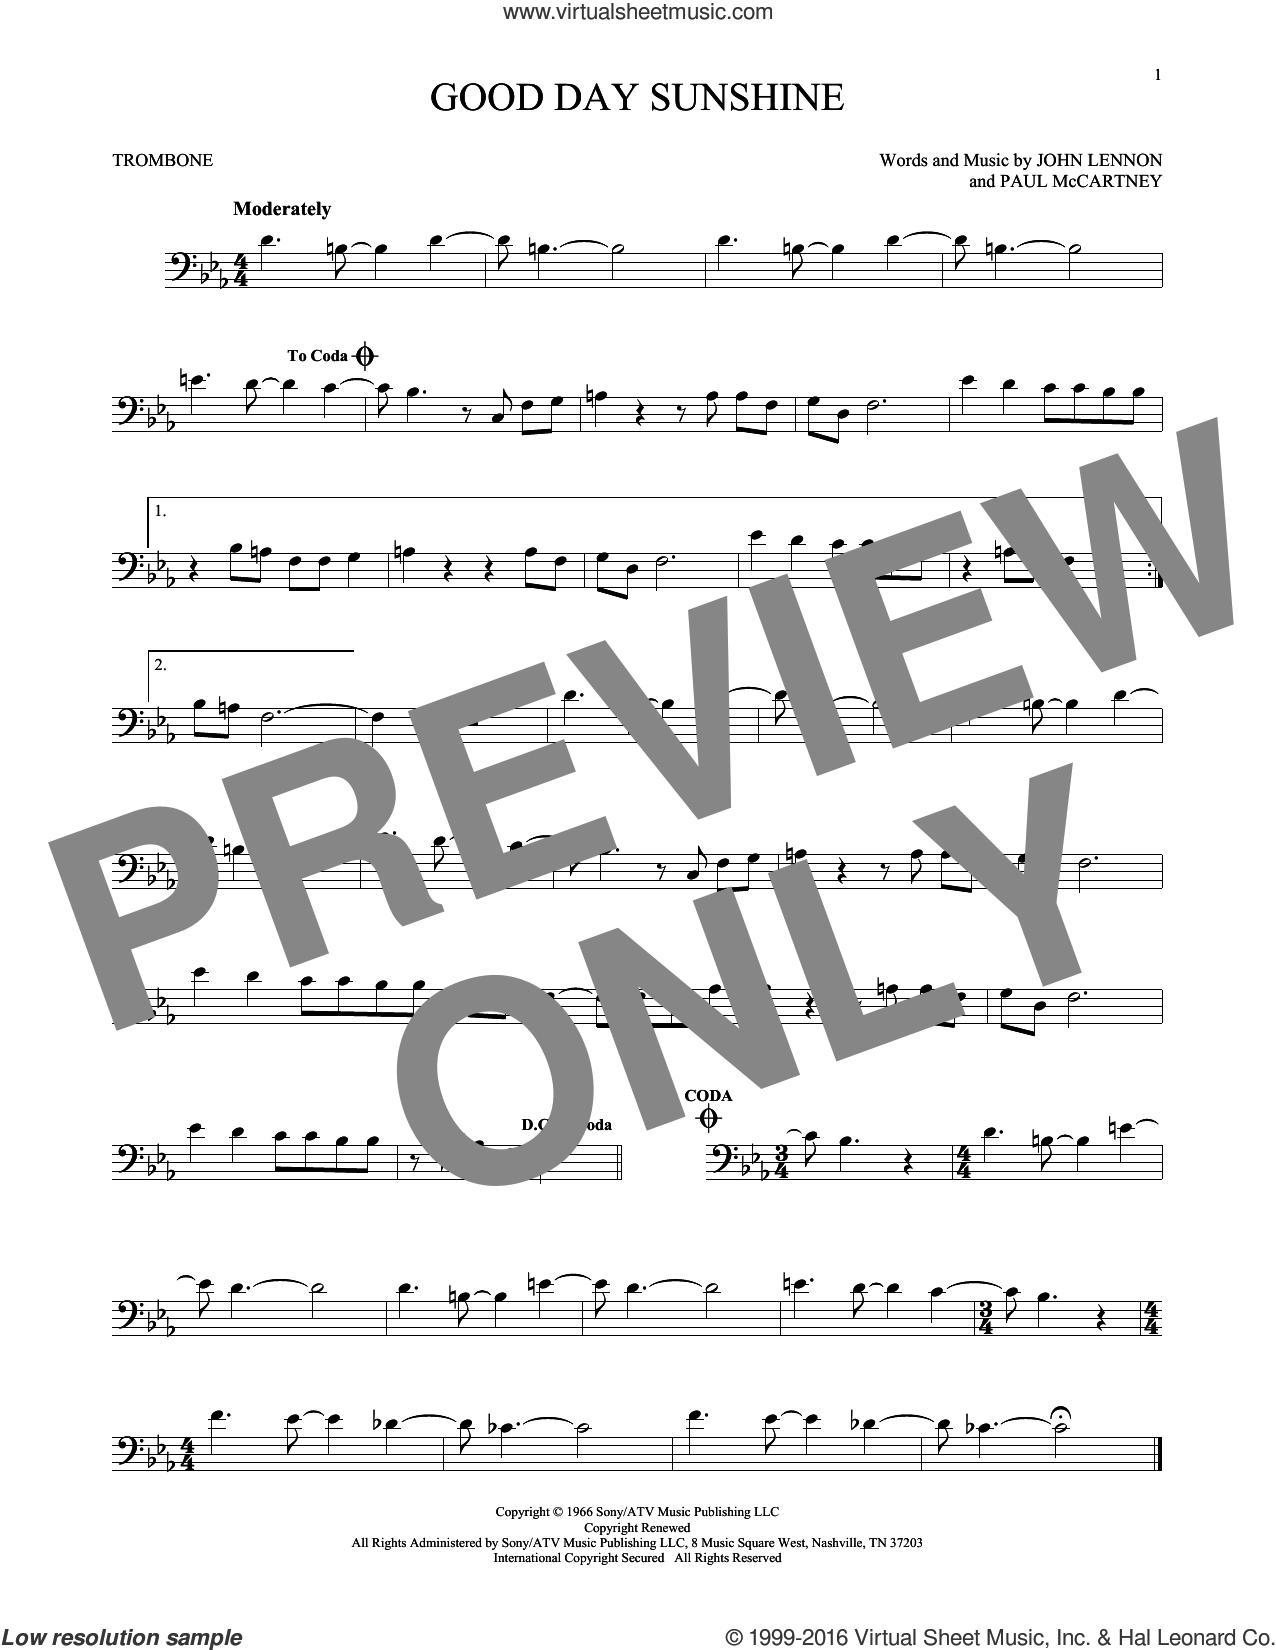 Good Day Sunshine sheet music for trombone solo by The Beatles, John Lennon and Paul McCartney, intermediate skill level